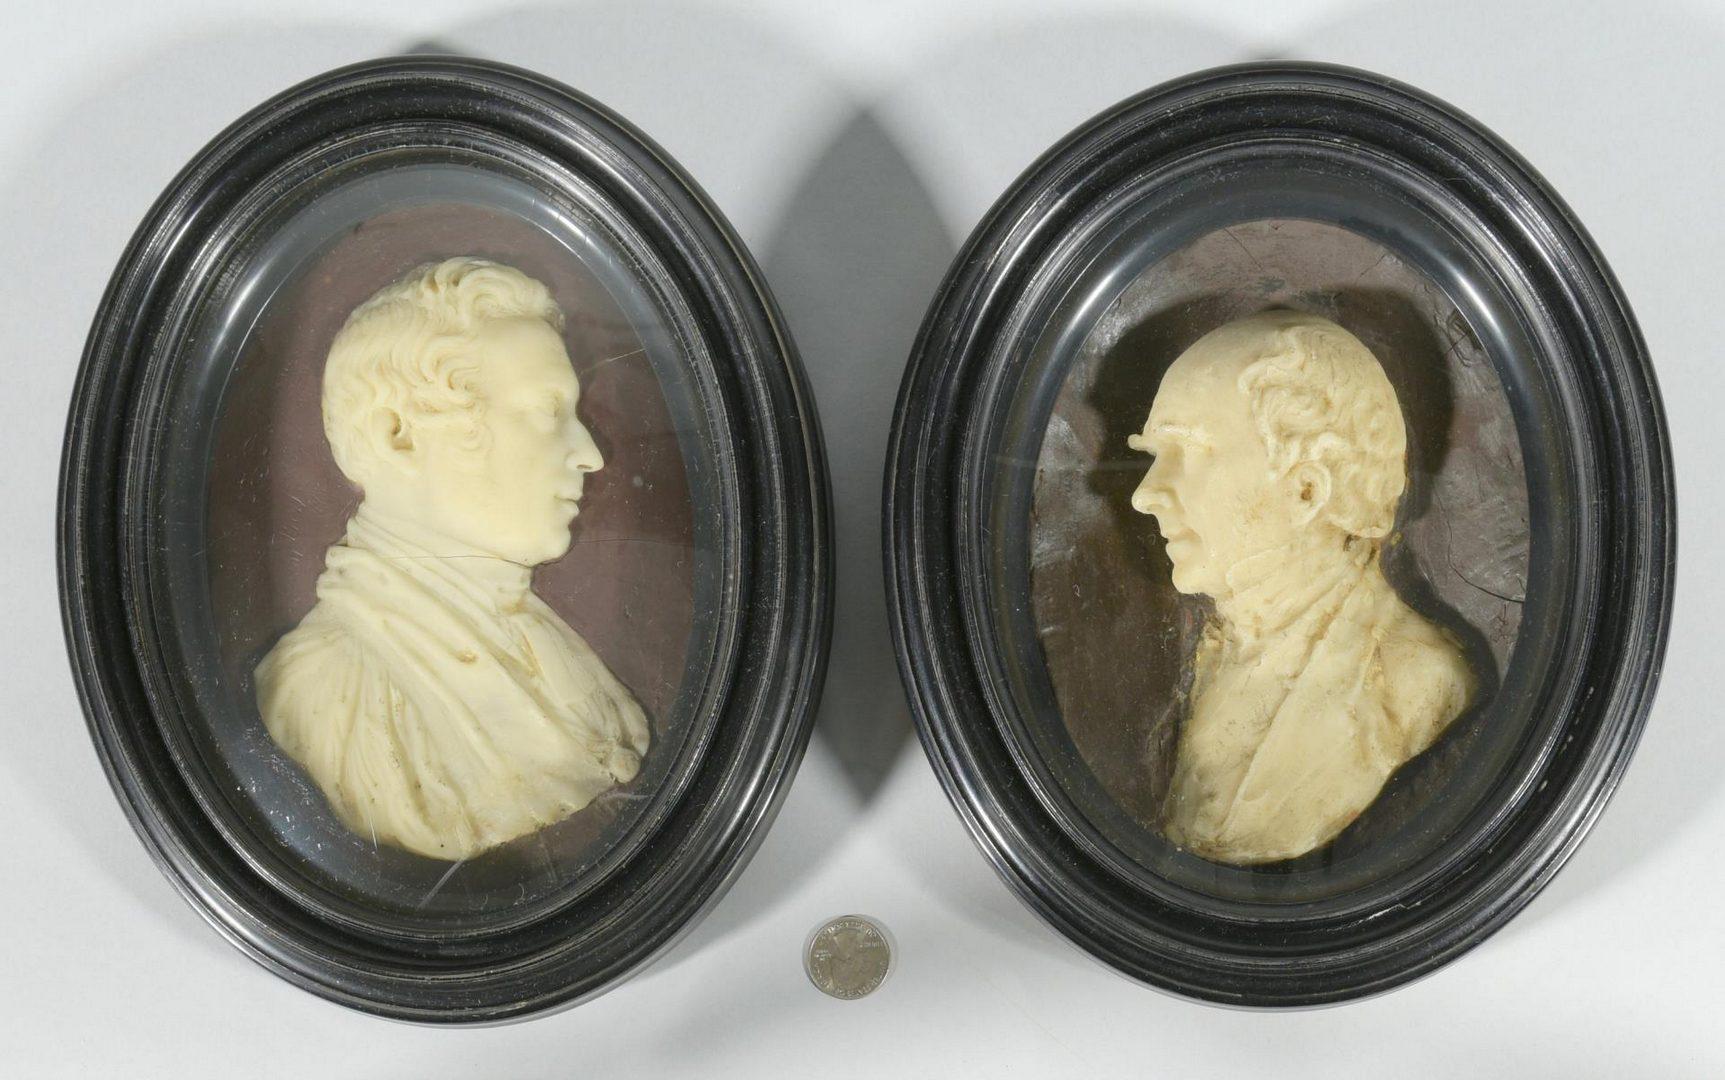 Lot 182: Pr. 19th c. Wax Portraits